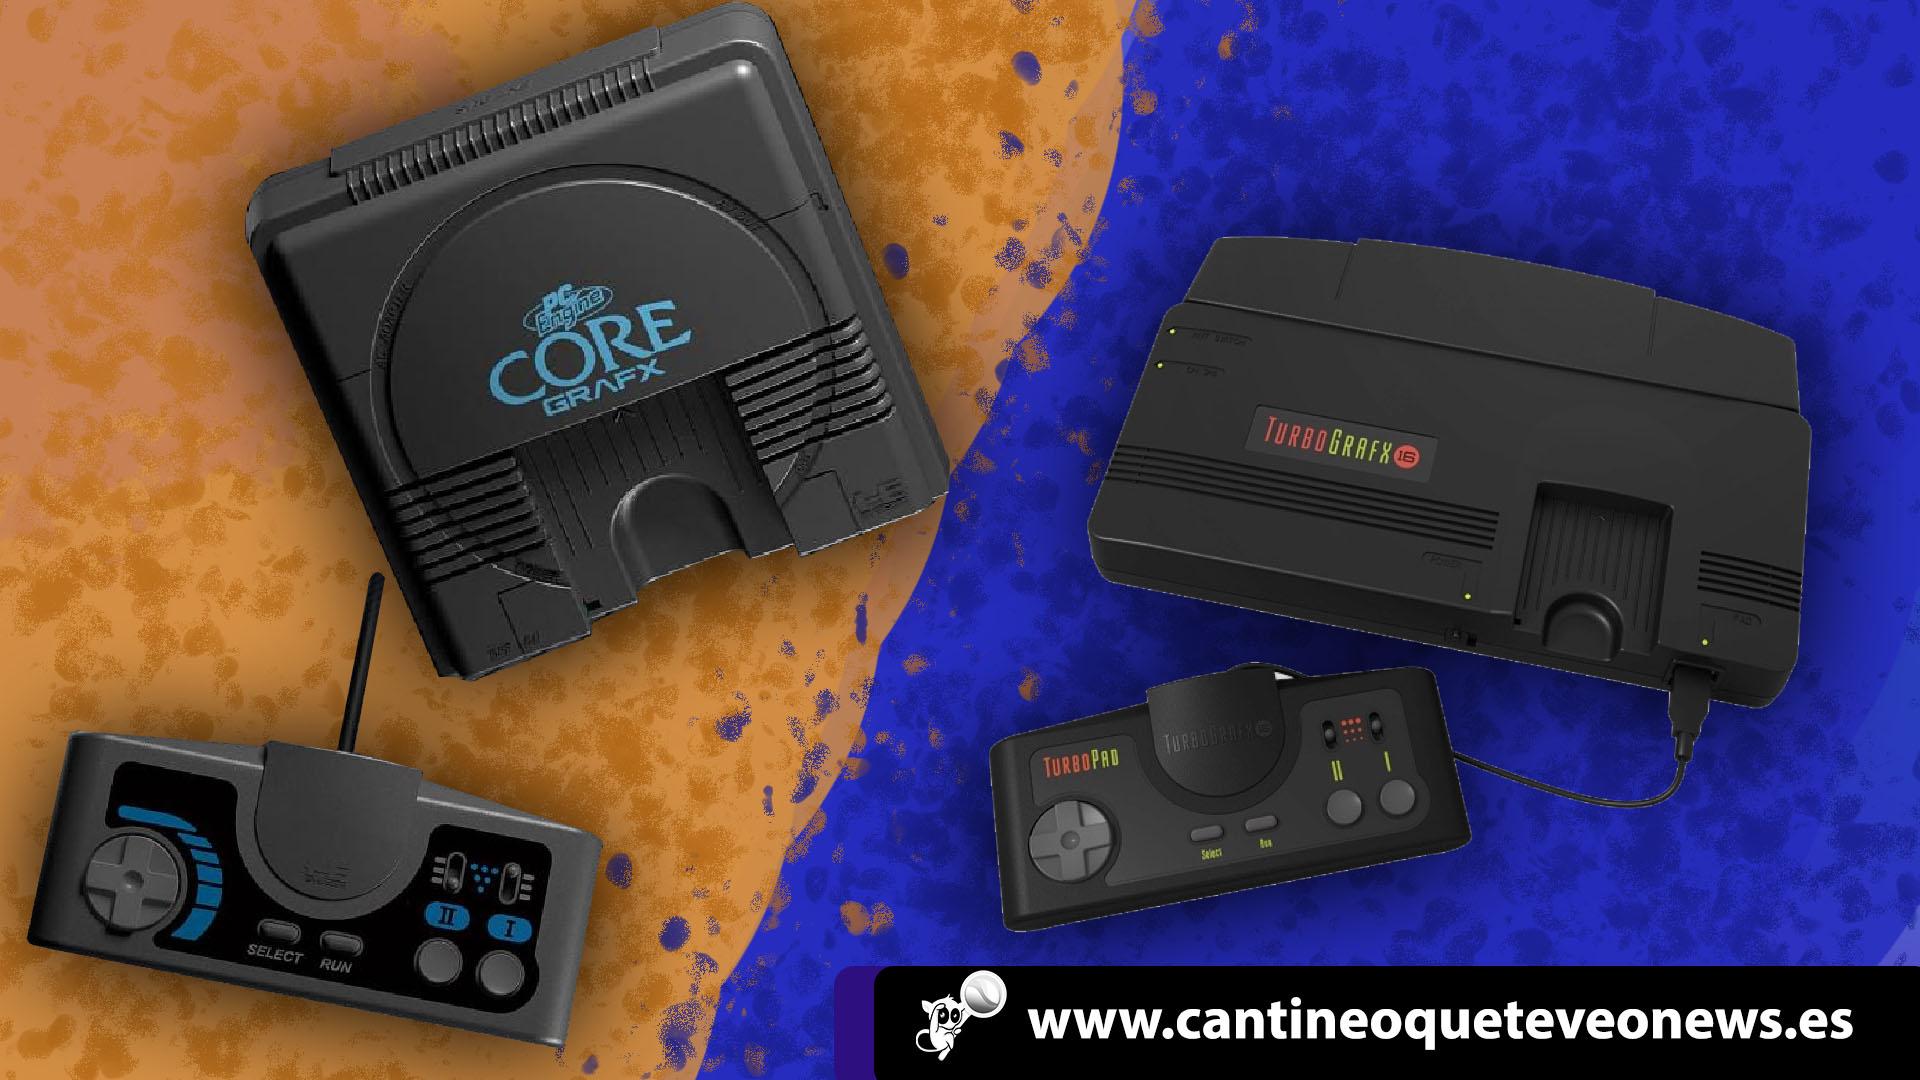 Mini Consolas de Konami, todo lo que debes conocer sobre ellas